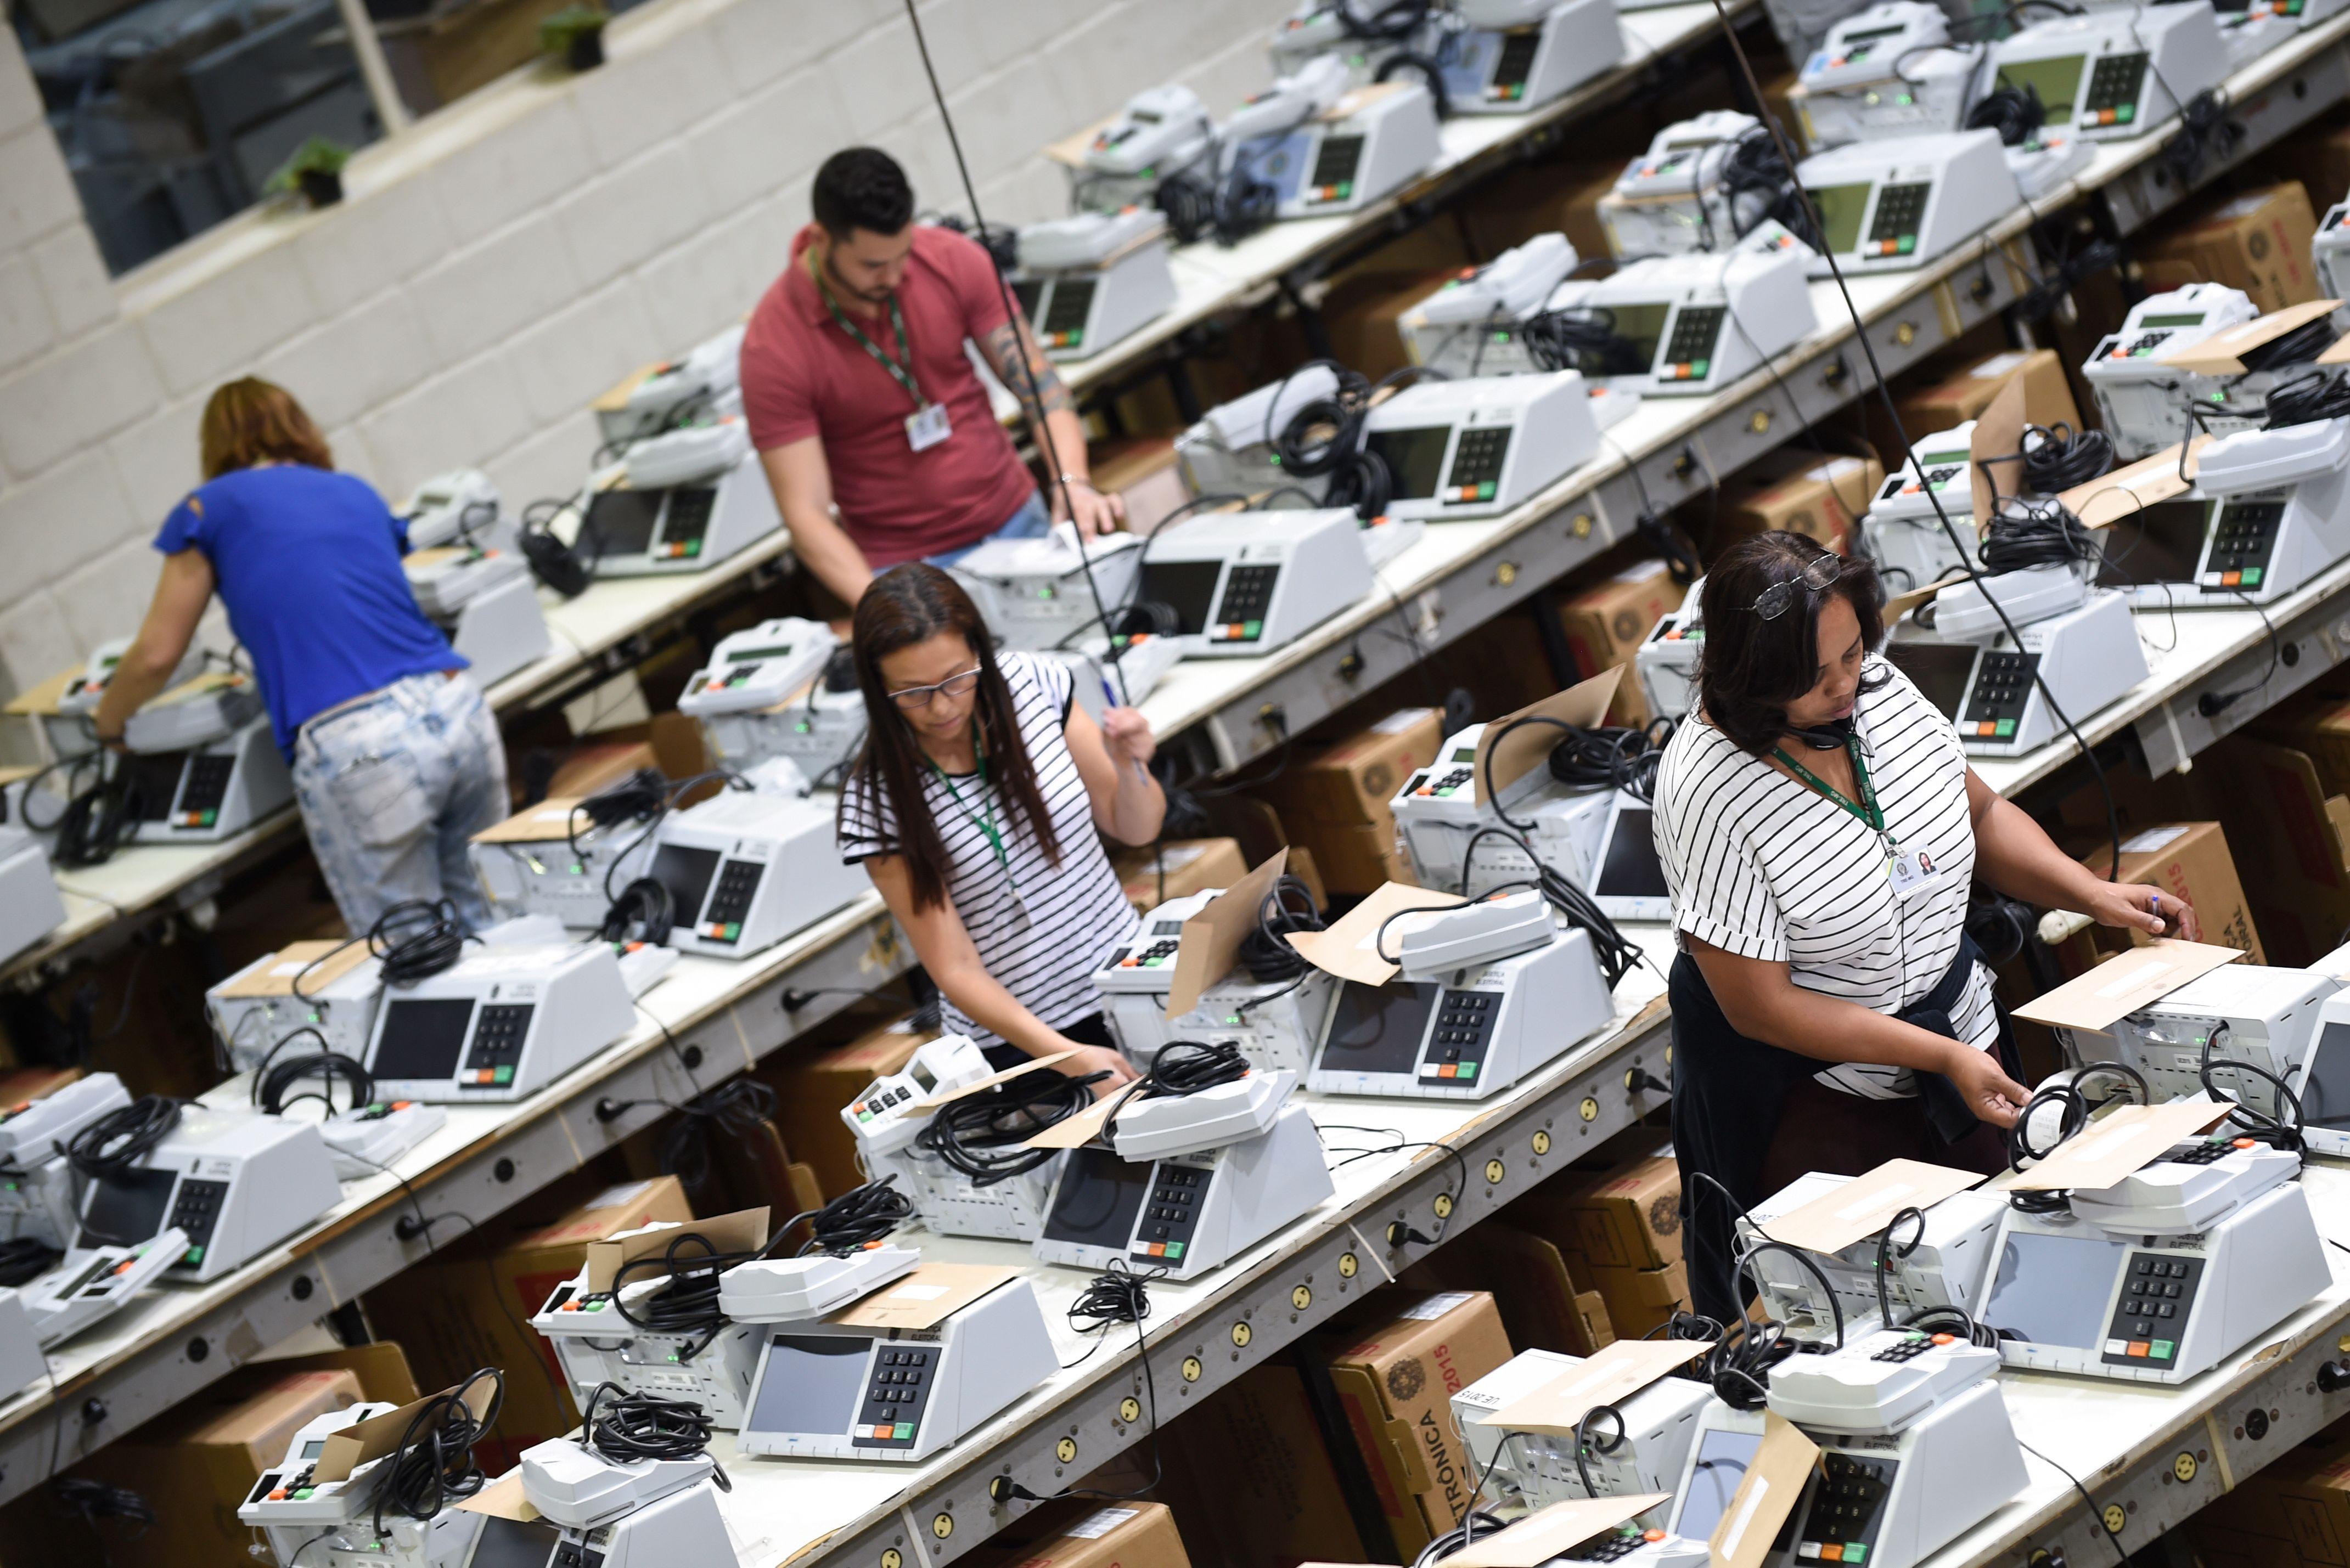 Acompanhe todas as notícias do primeiro turno das eleições em tempo real